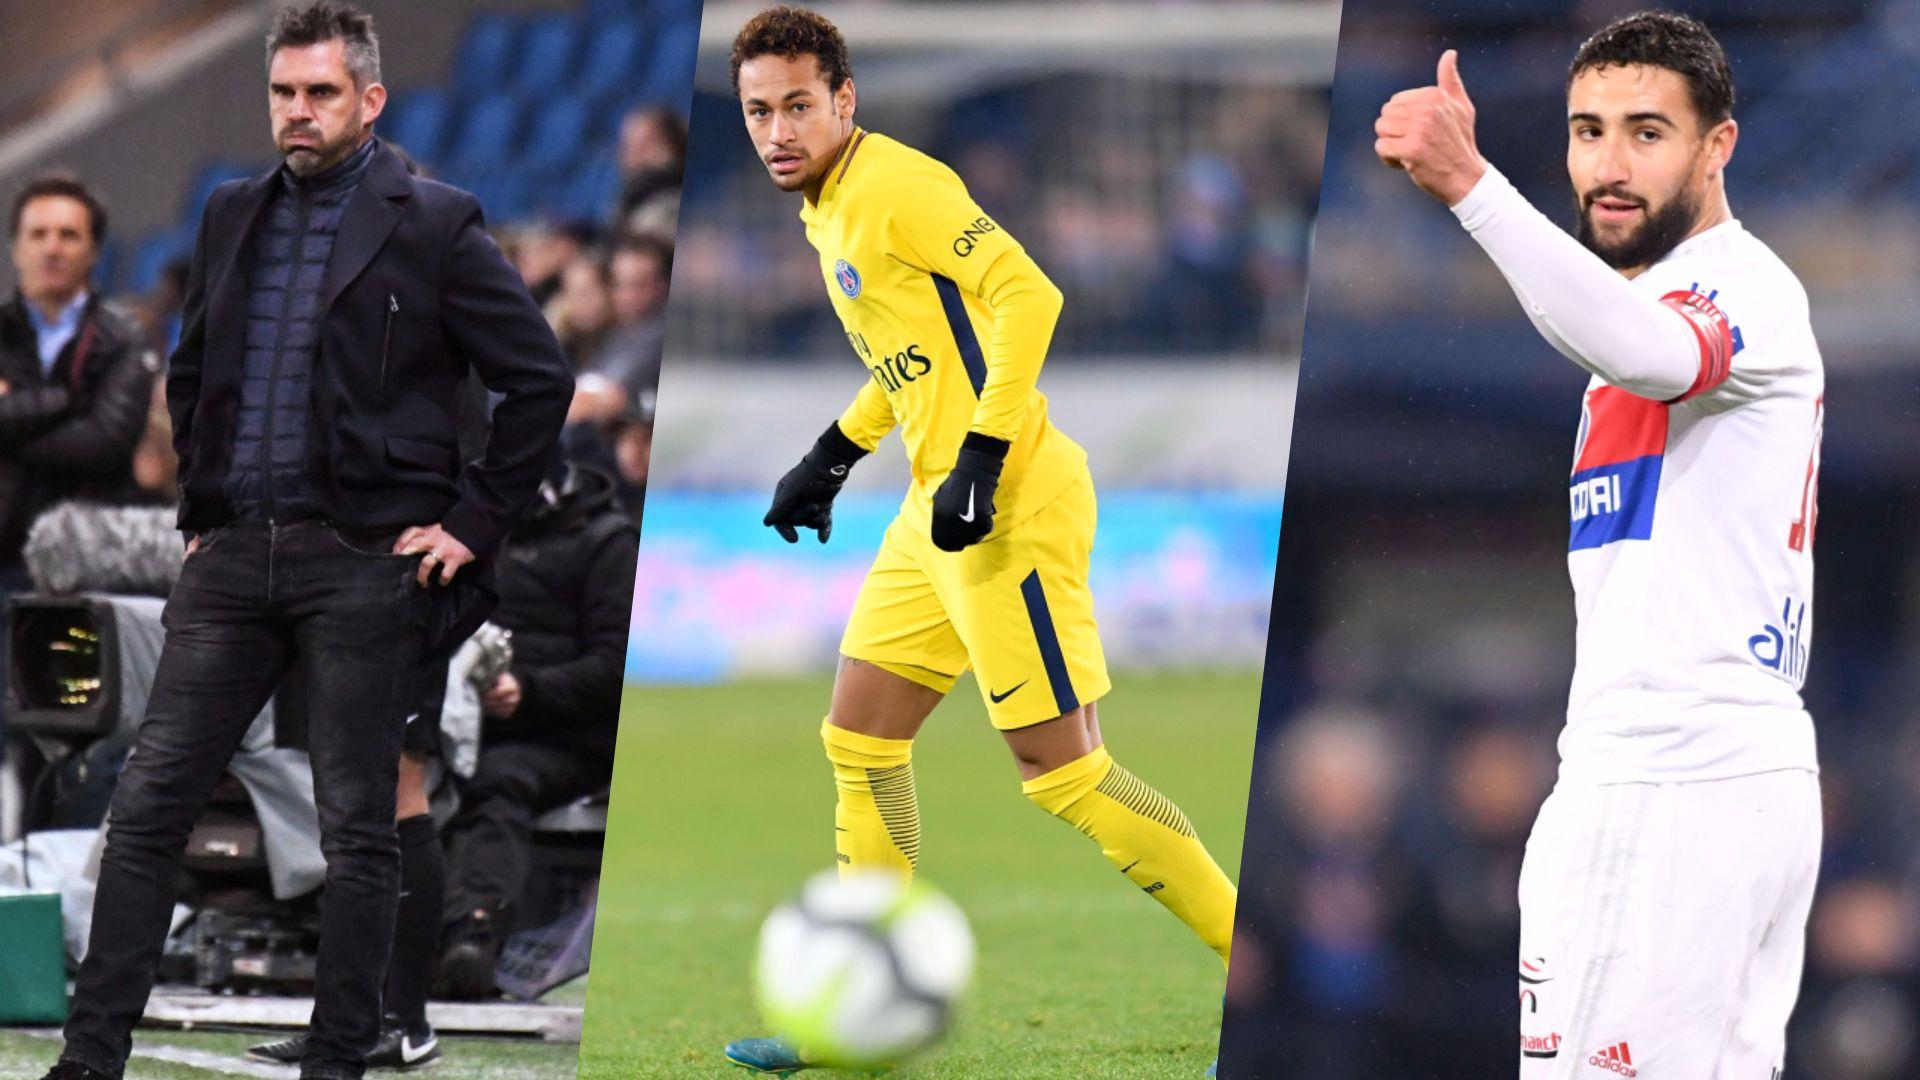 Football - Ligue 1 - Bordeaux, PSG, Fekir : les stats à connaître avant la 17e journée de L1